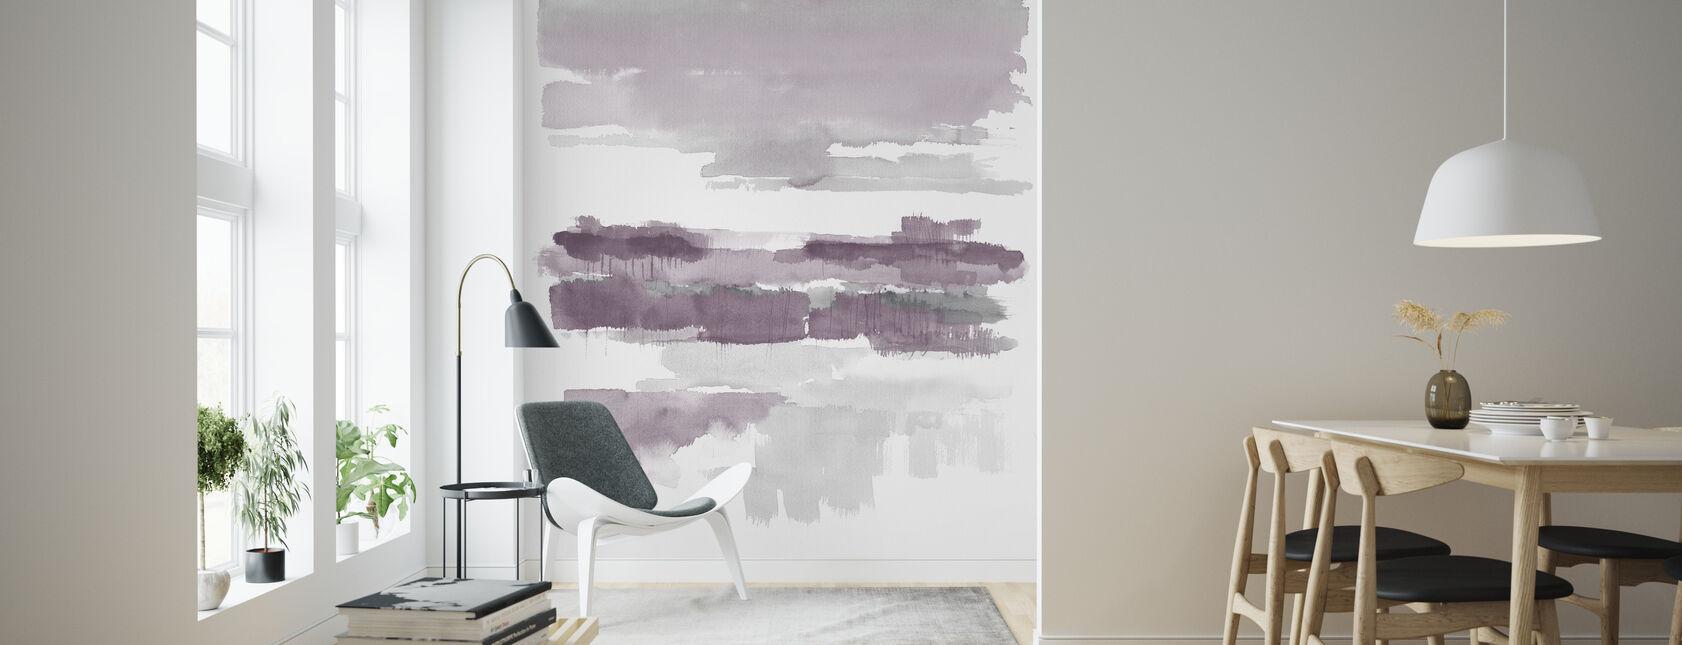 Amethyst Wetlands Crop - Wallpaper - Living Room